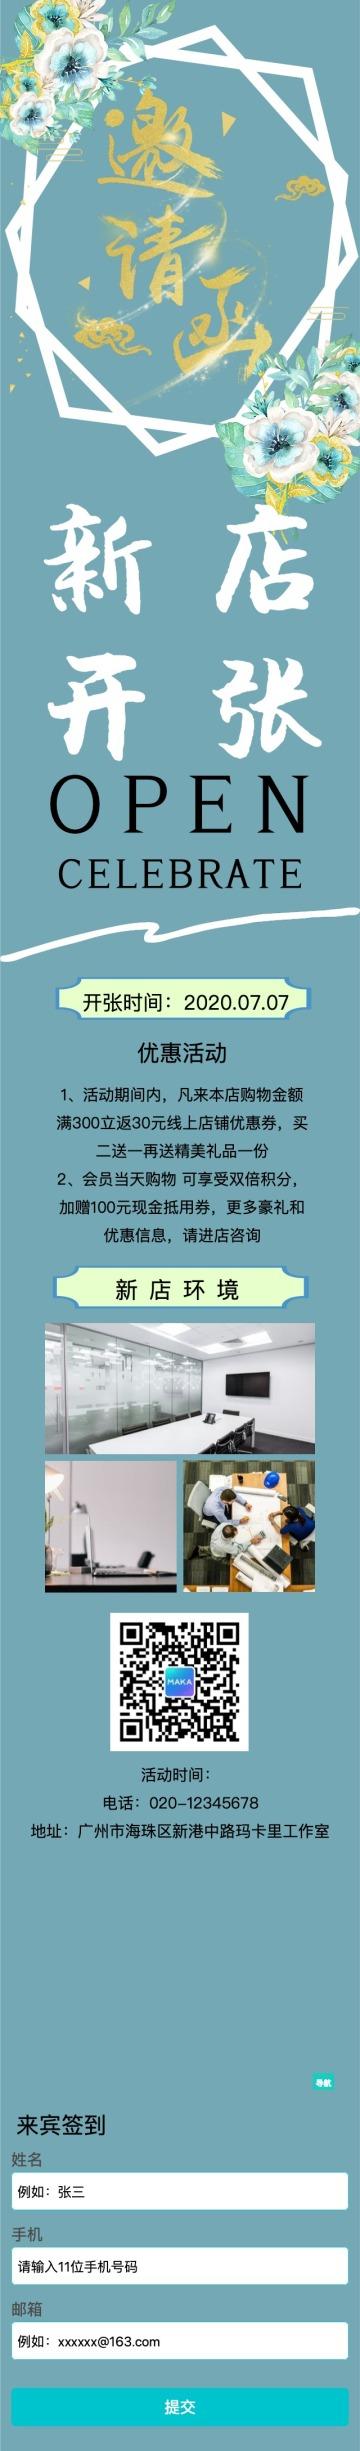 简约清新新店开张邀请函单页宣传活动推广